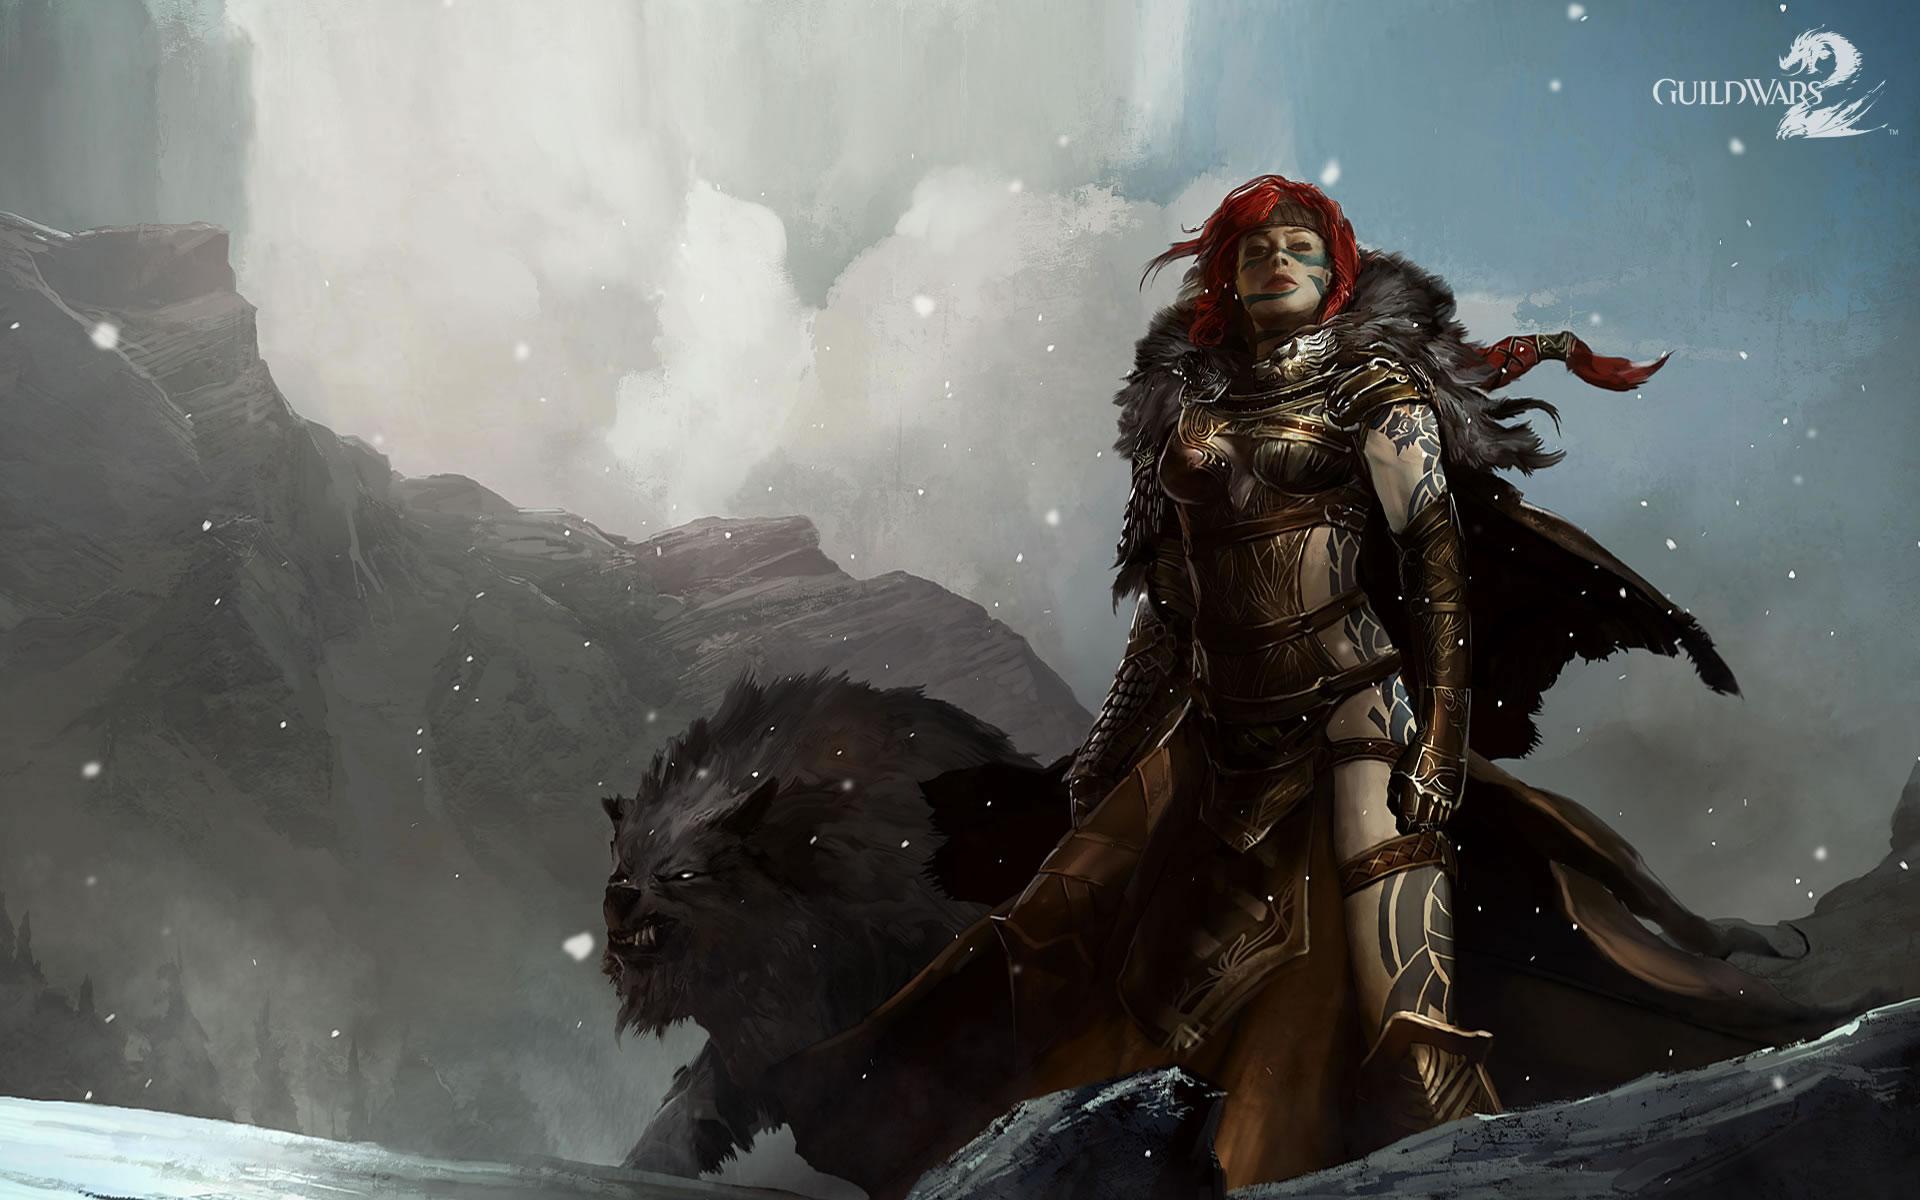 Benefits Of Guild Wars 2 Guides | Mongreler